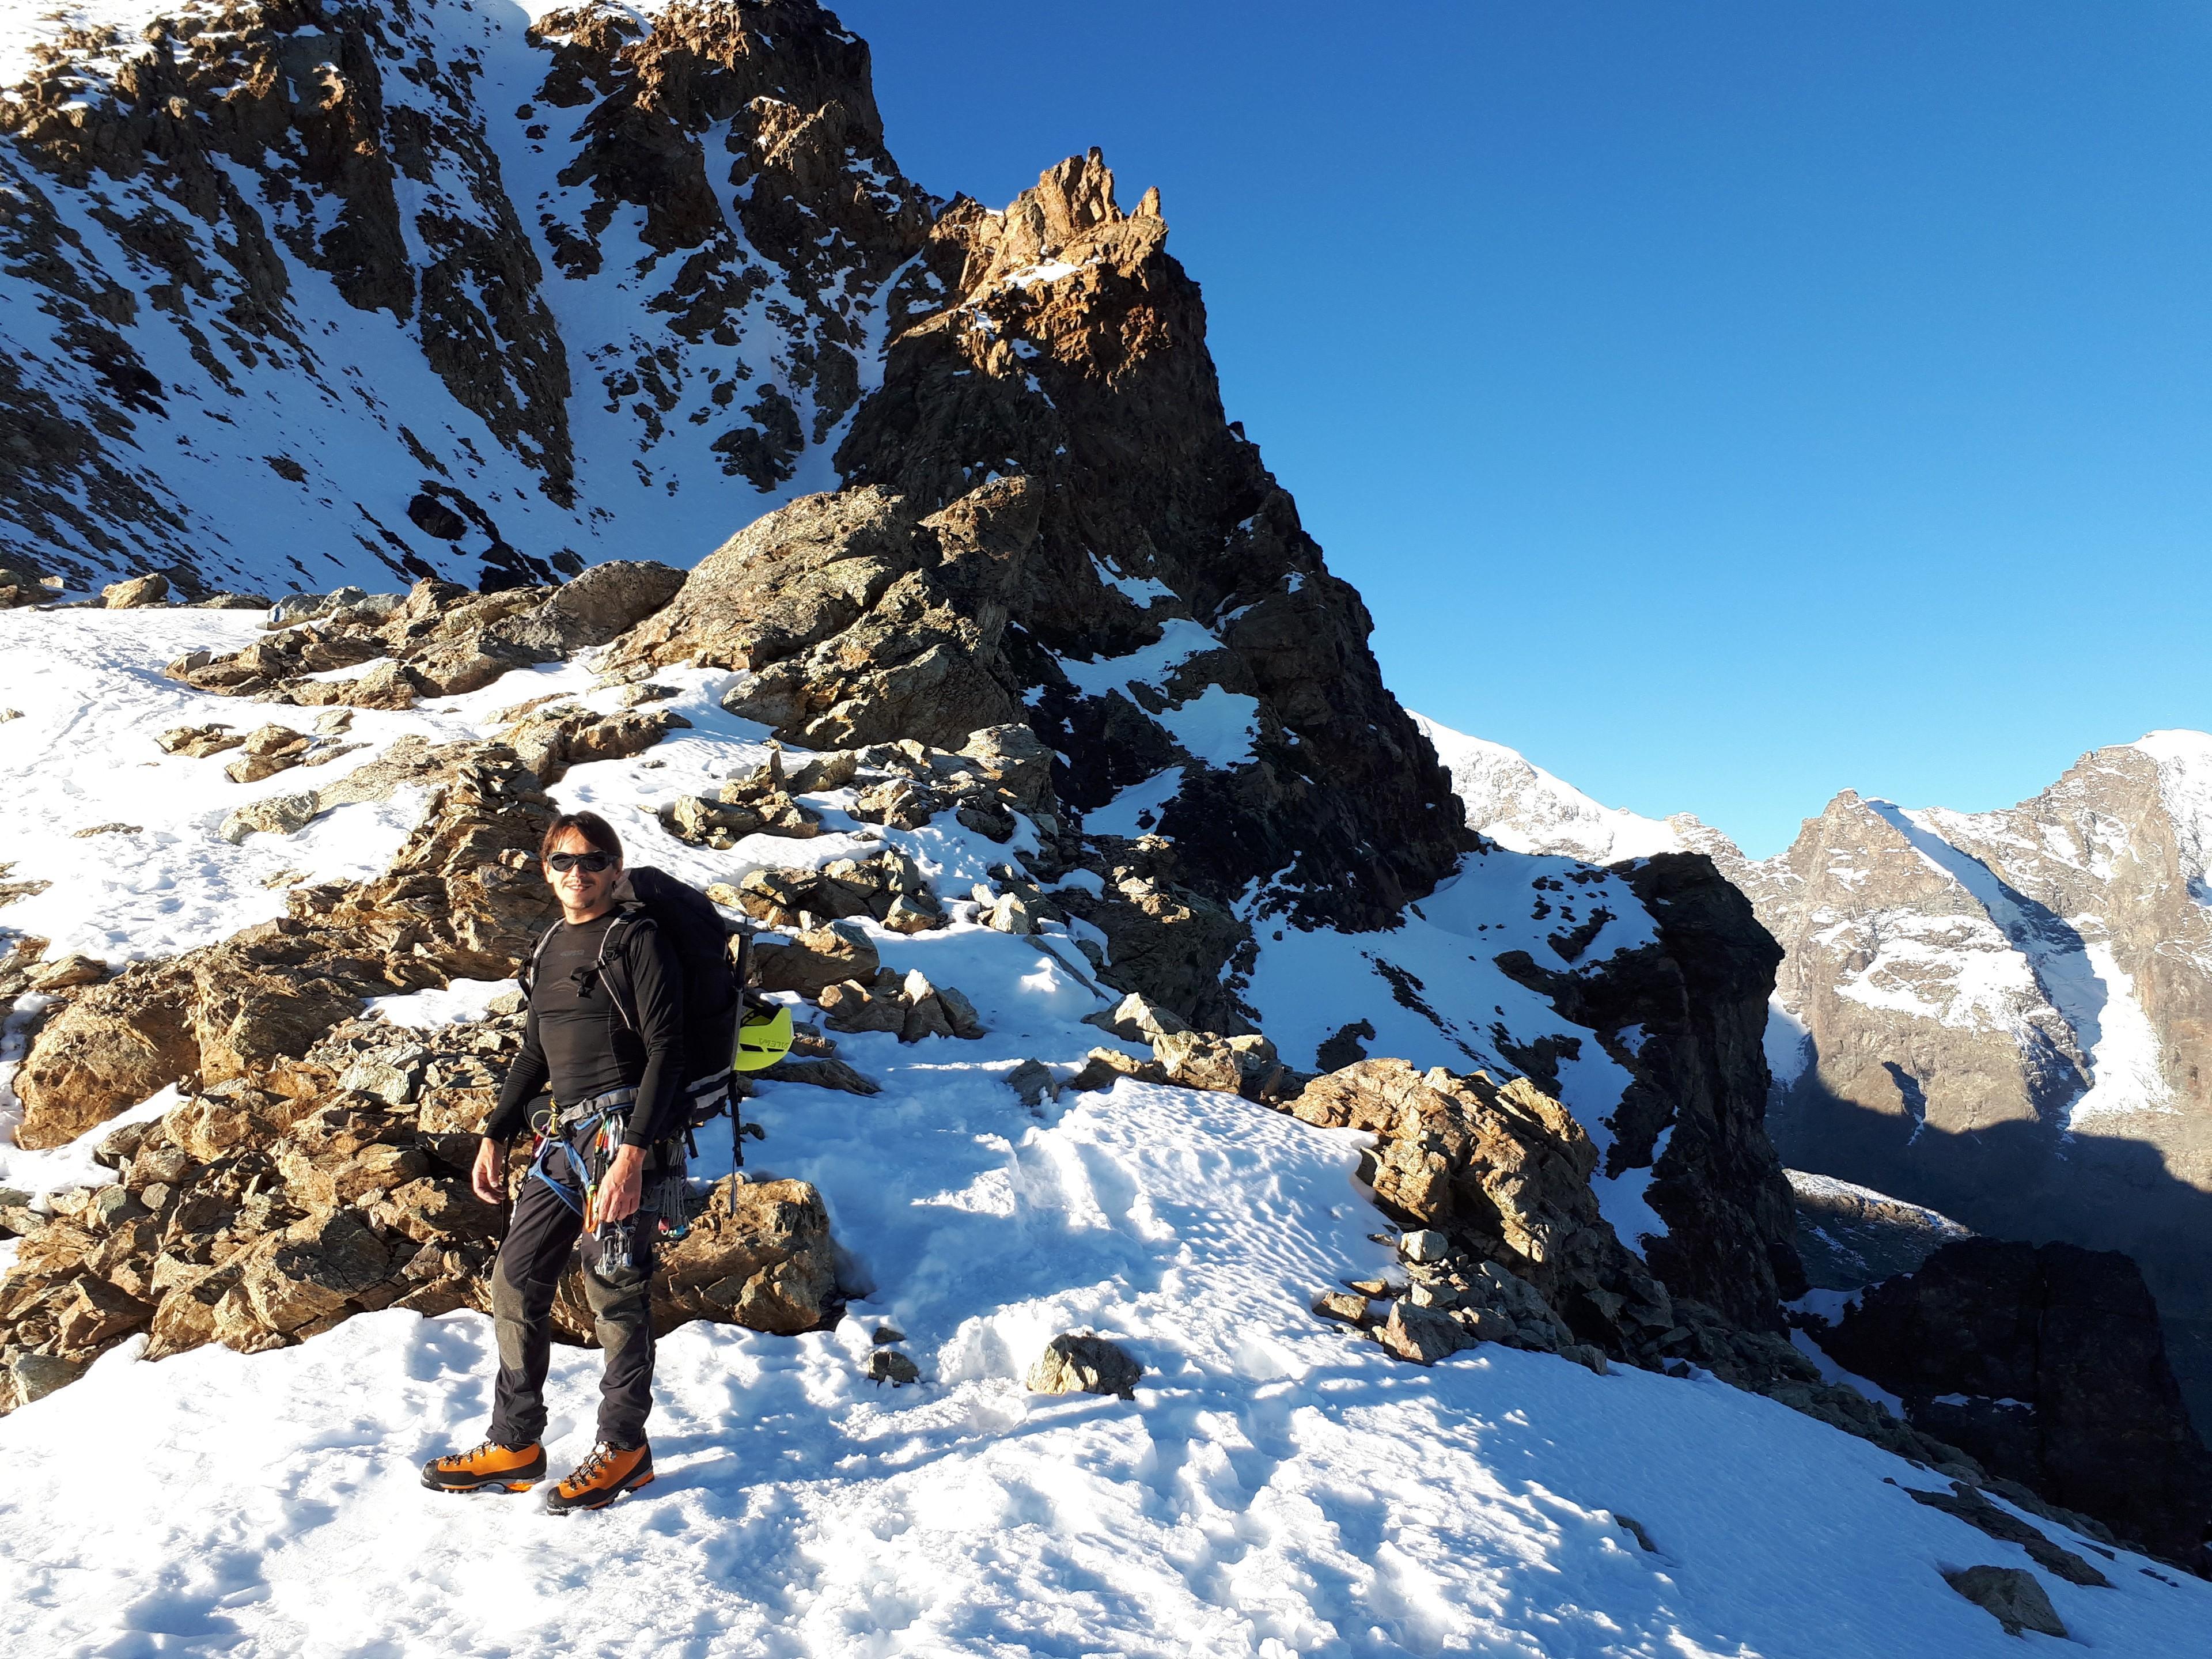 Siamo all'inizio della nostra avventura: dopo aver risalito le piste da sci, ci troviamo alle pendici del Piz Trovat dove inforcheremo i ramponi